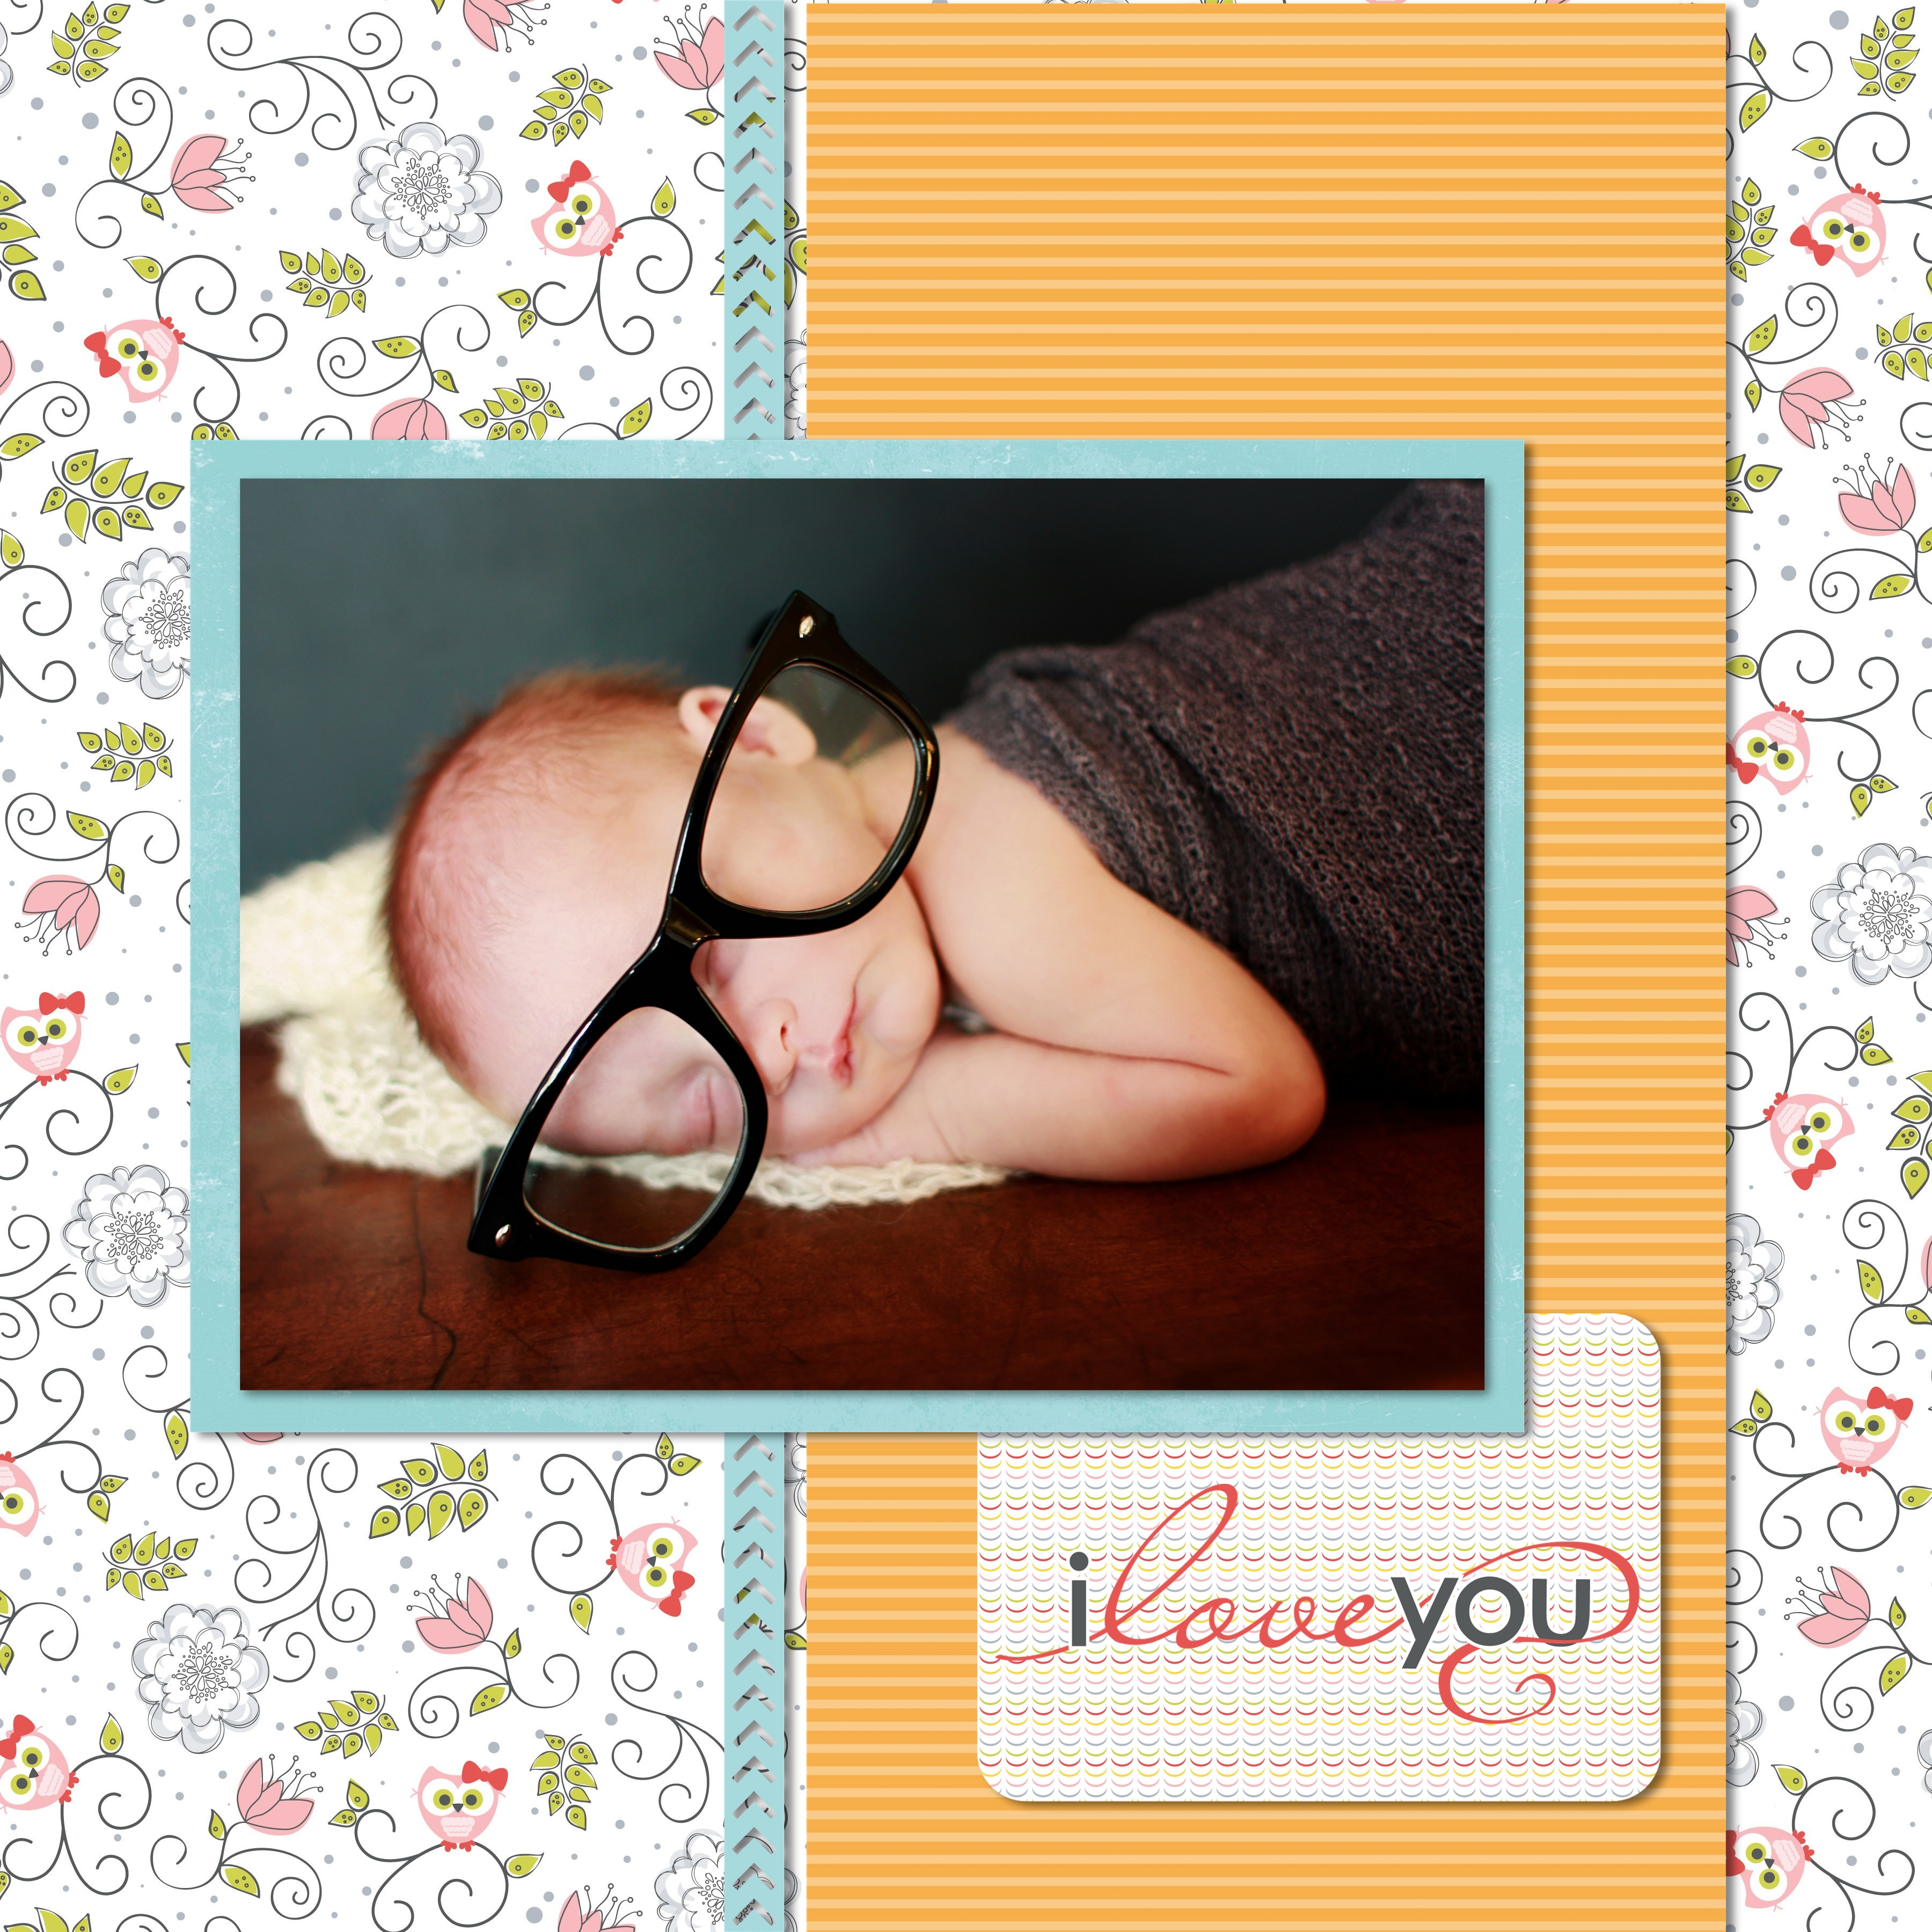 BabyGirl - Page 012.jpg